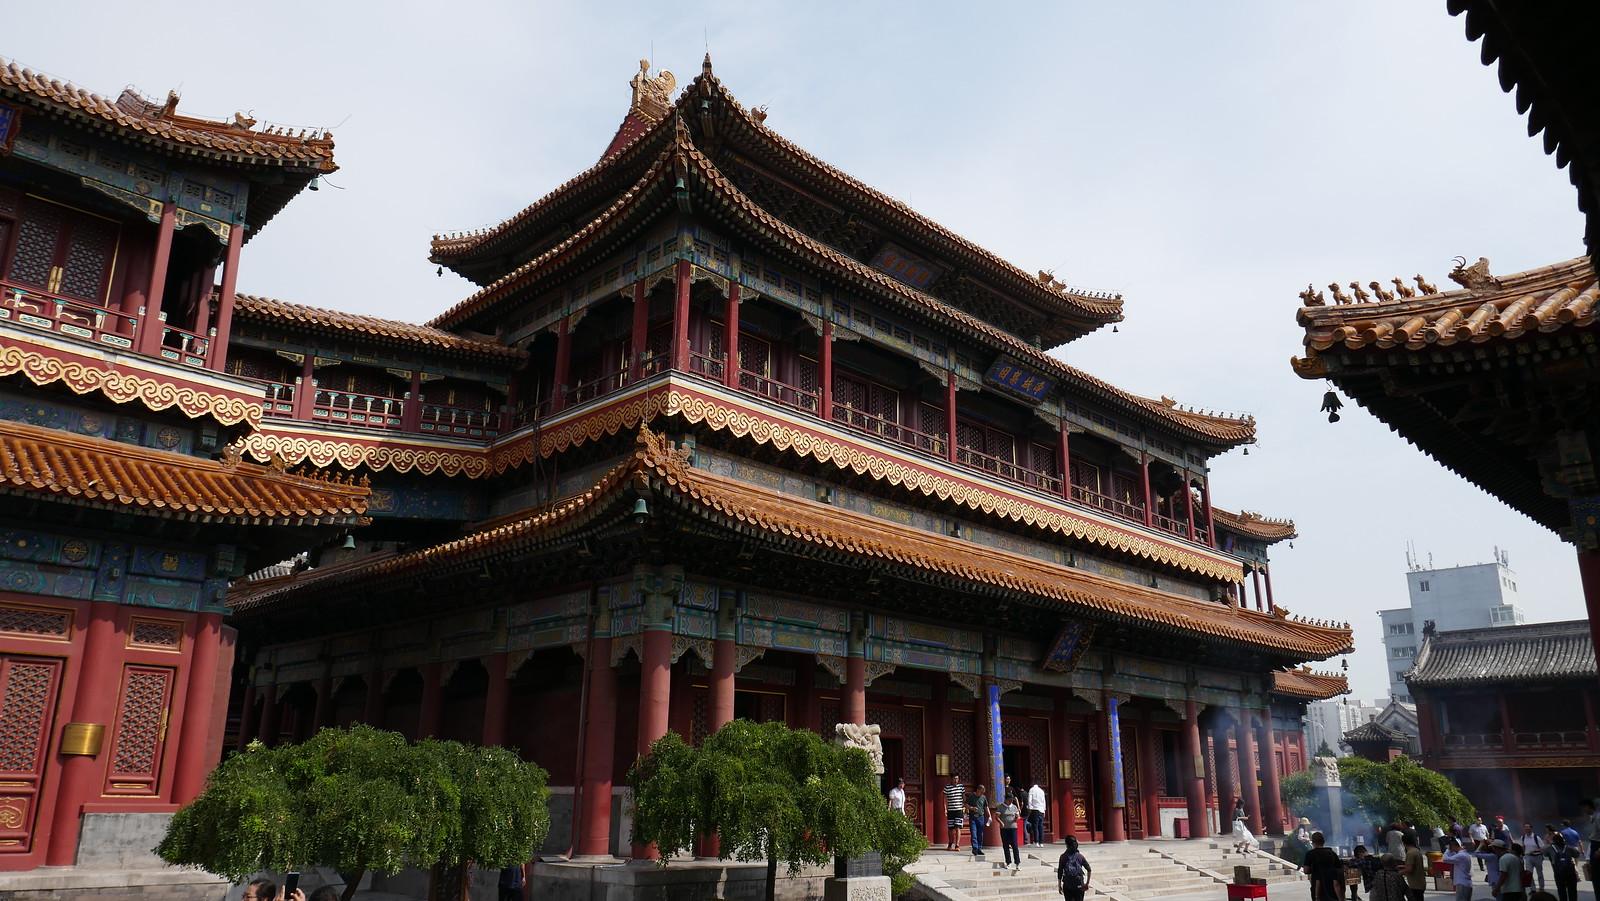 El fabuloso Pabellón Wanfuge en Templo de Yonghe